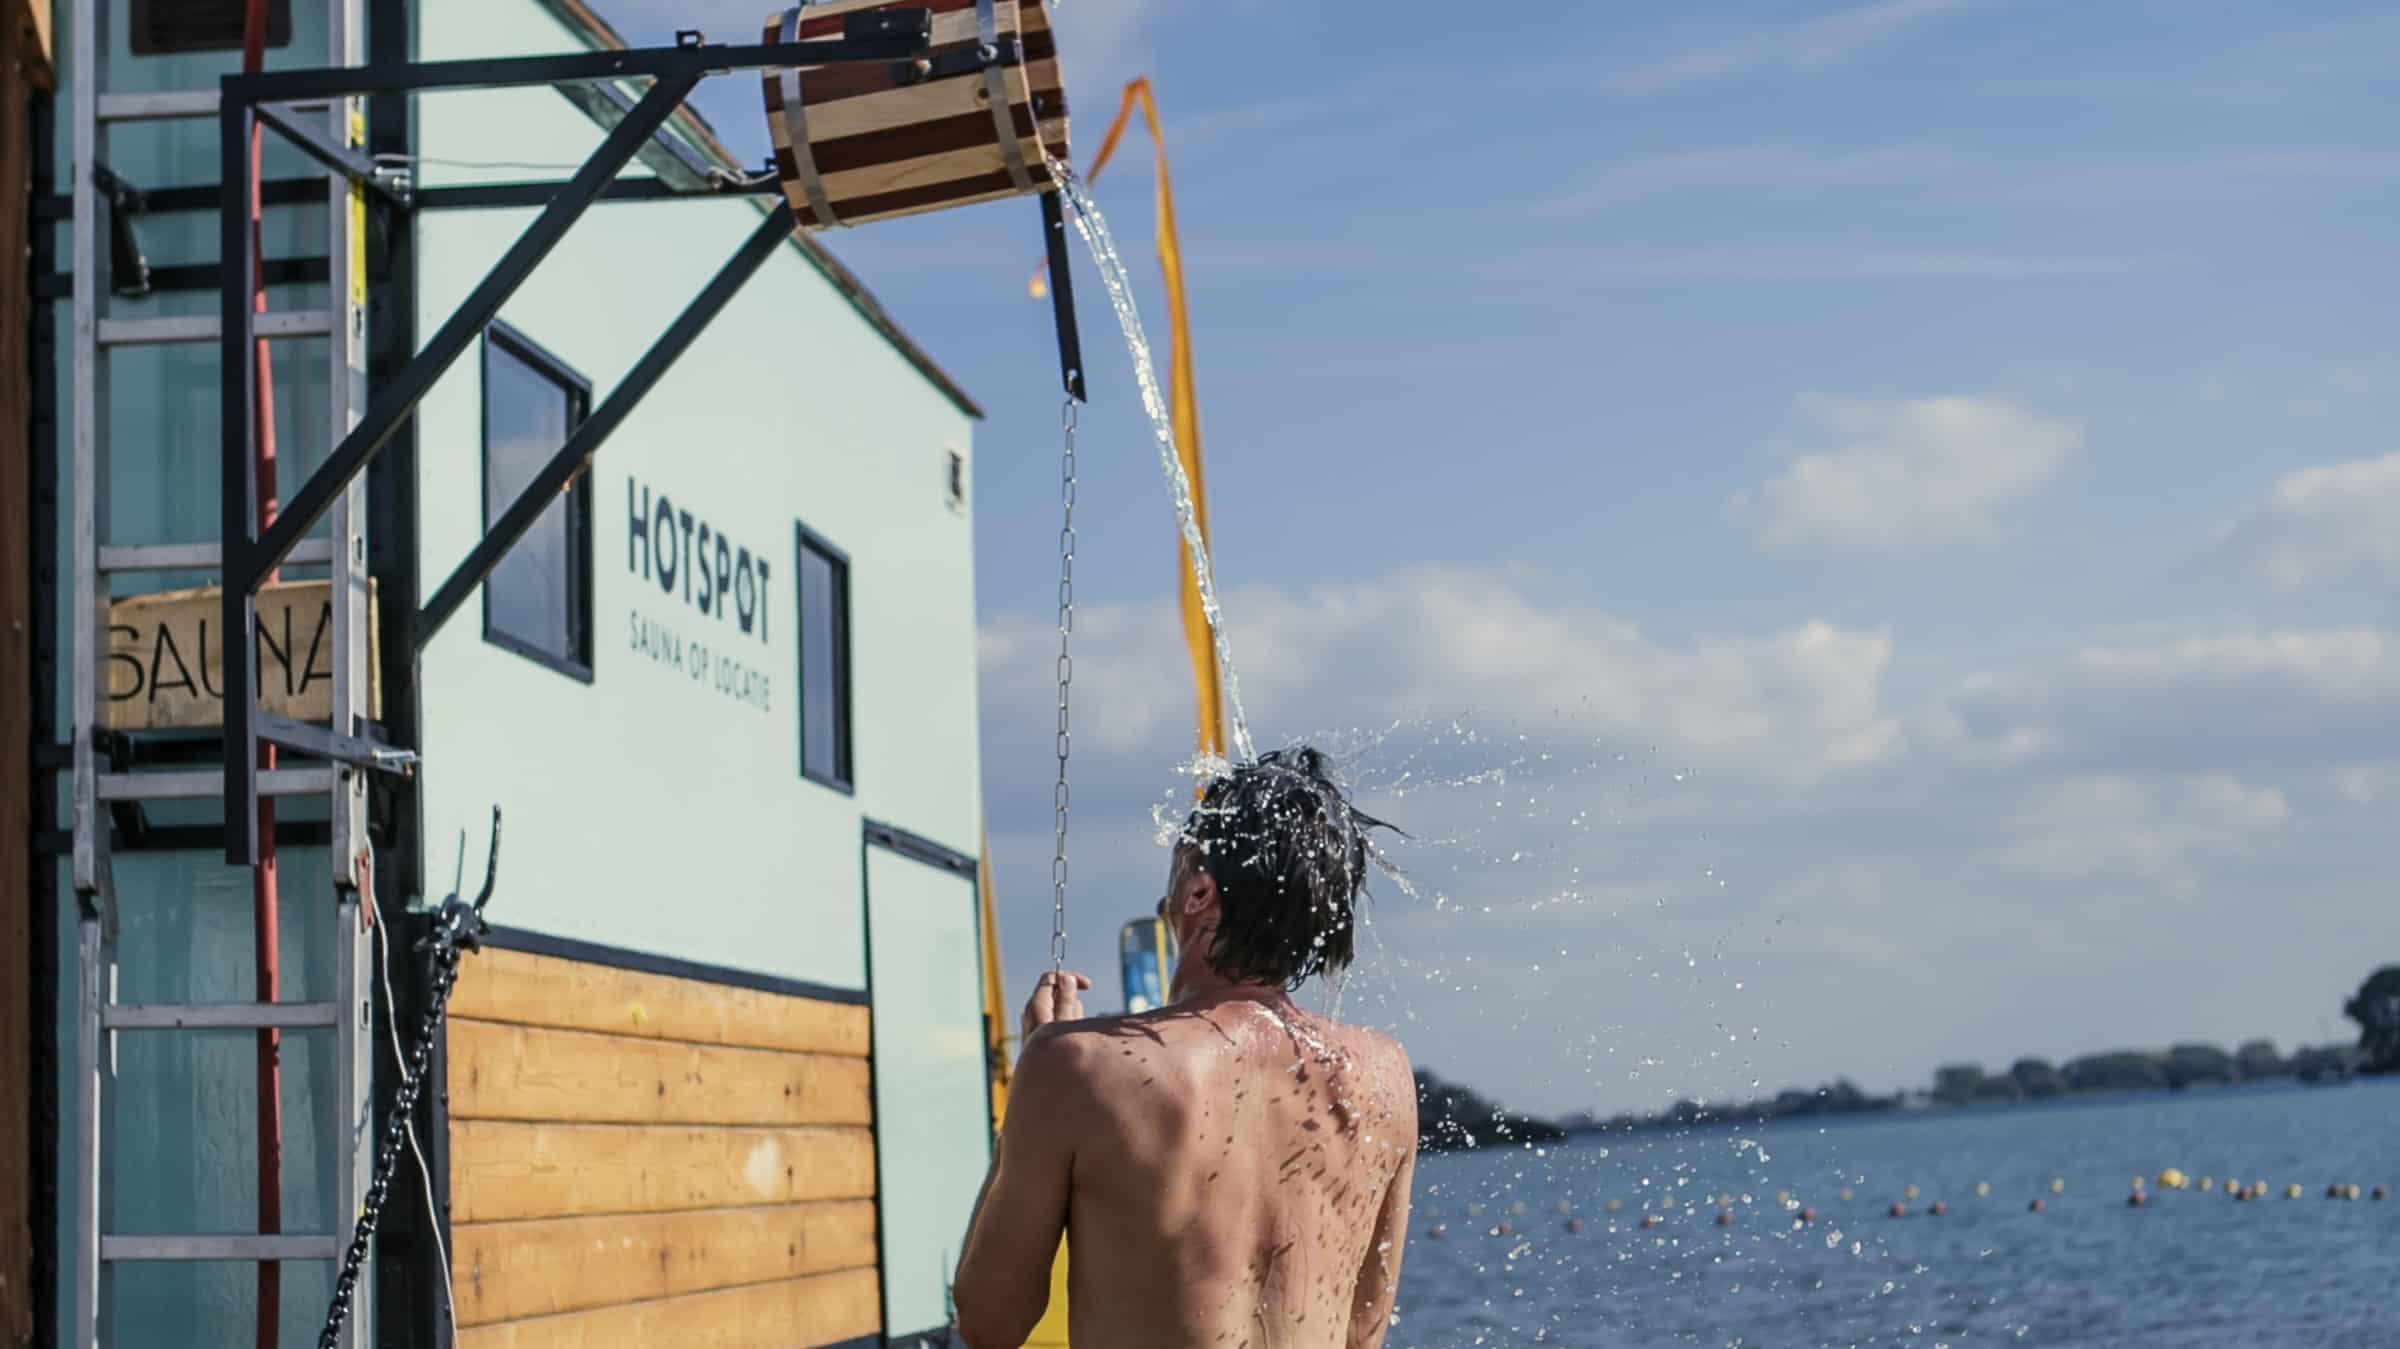 Hotspot - mobiele sauna - truck - douche